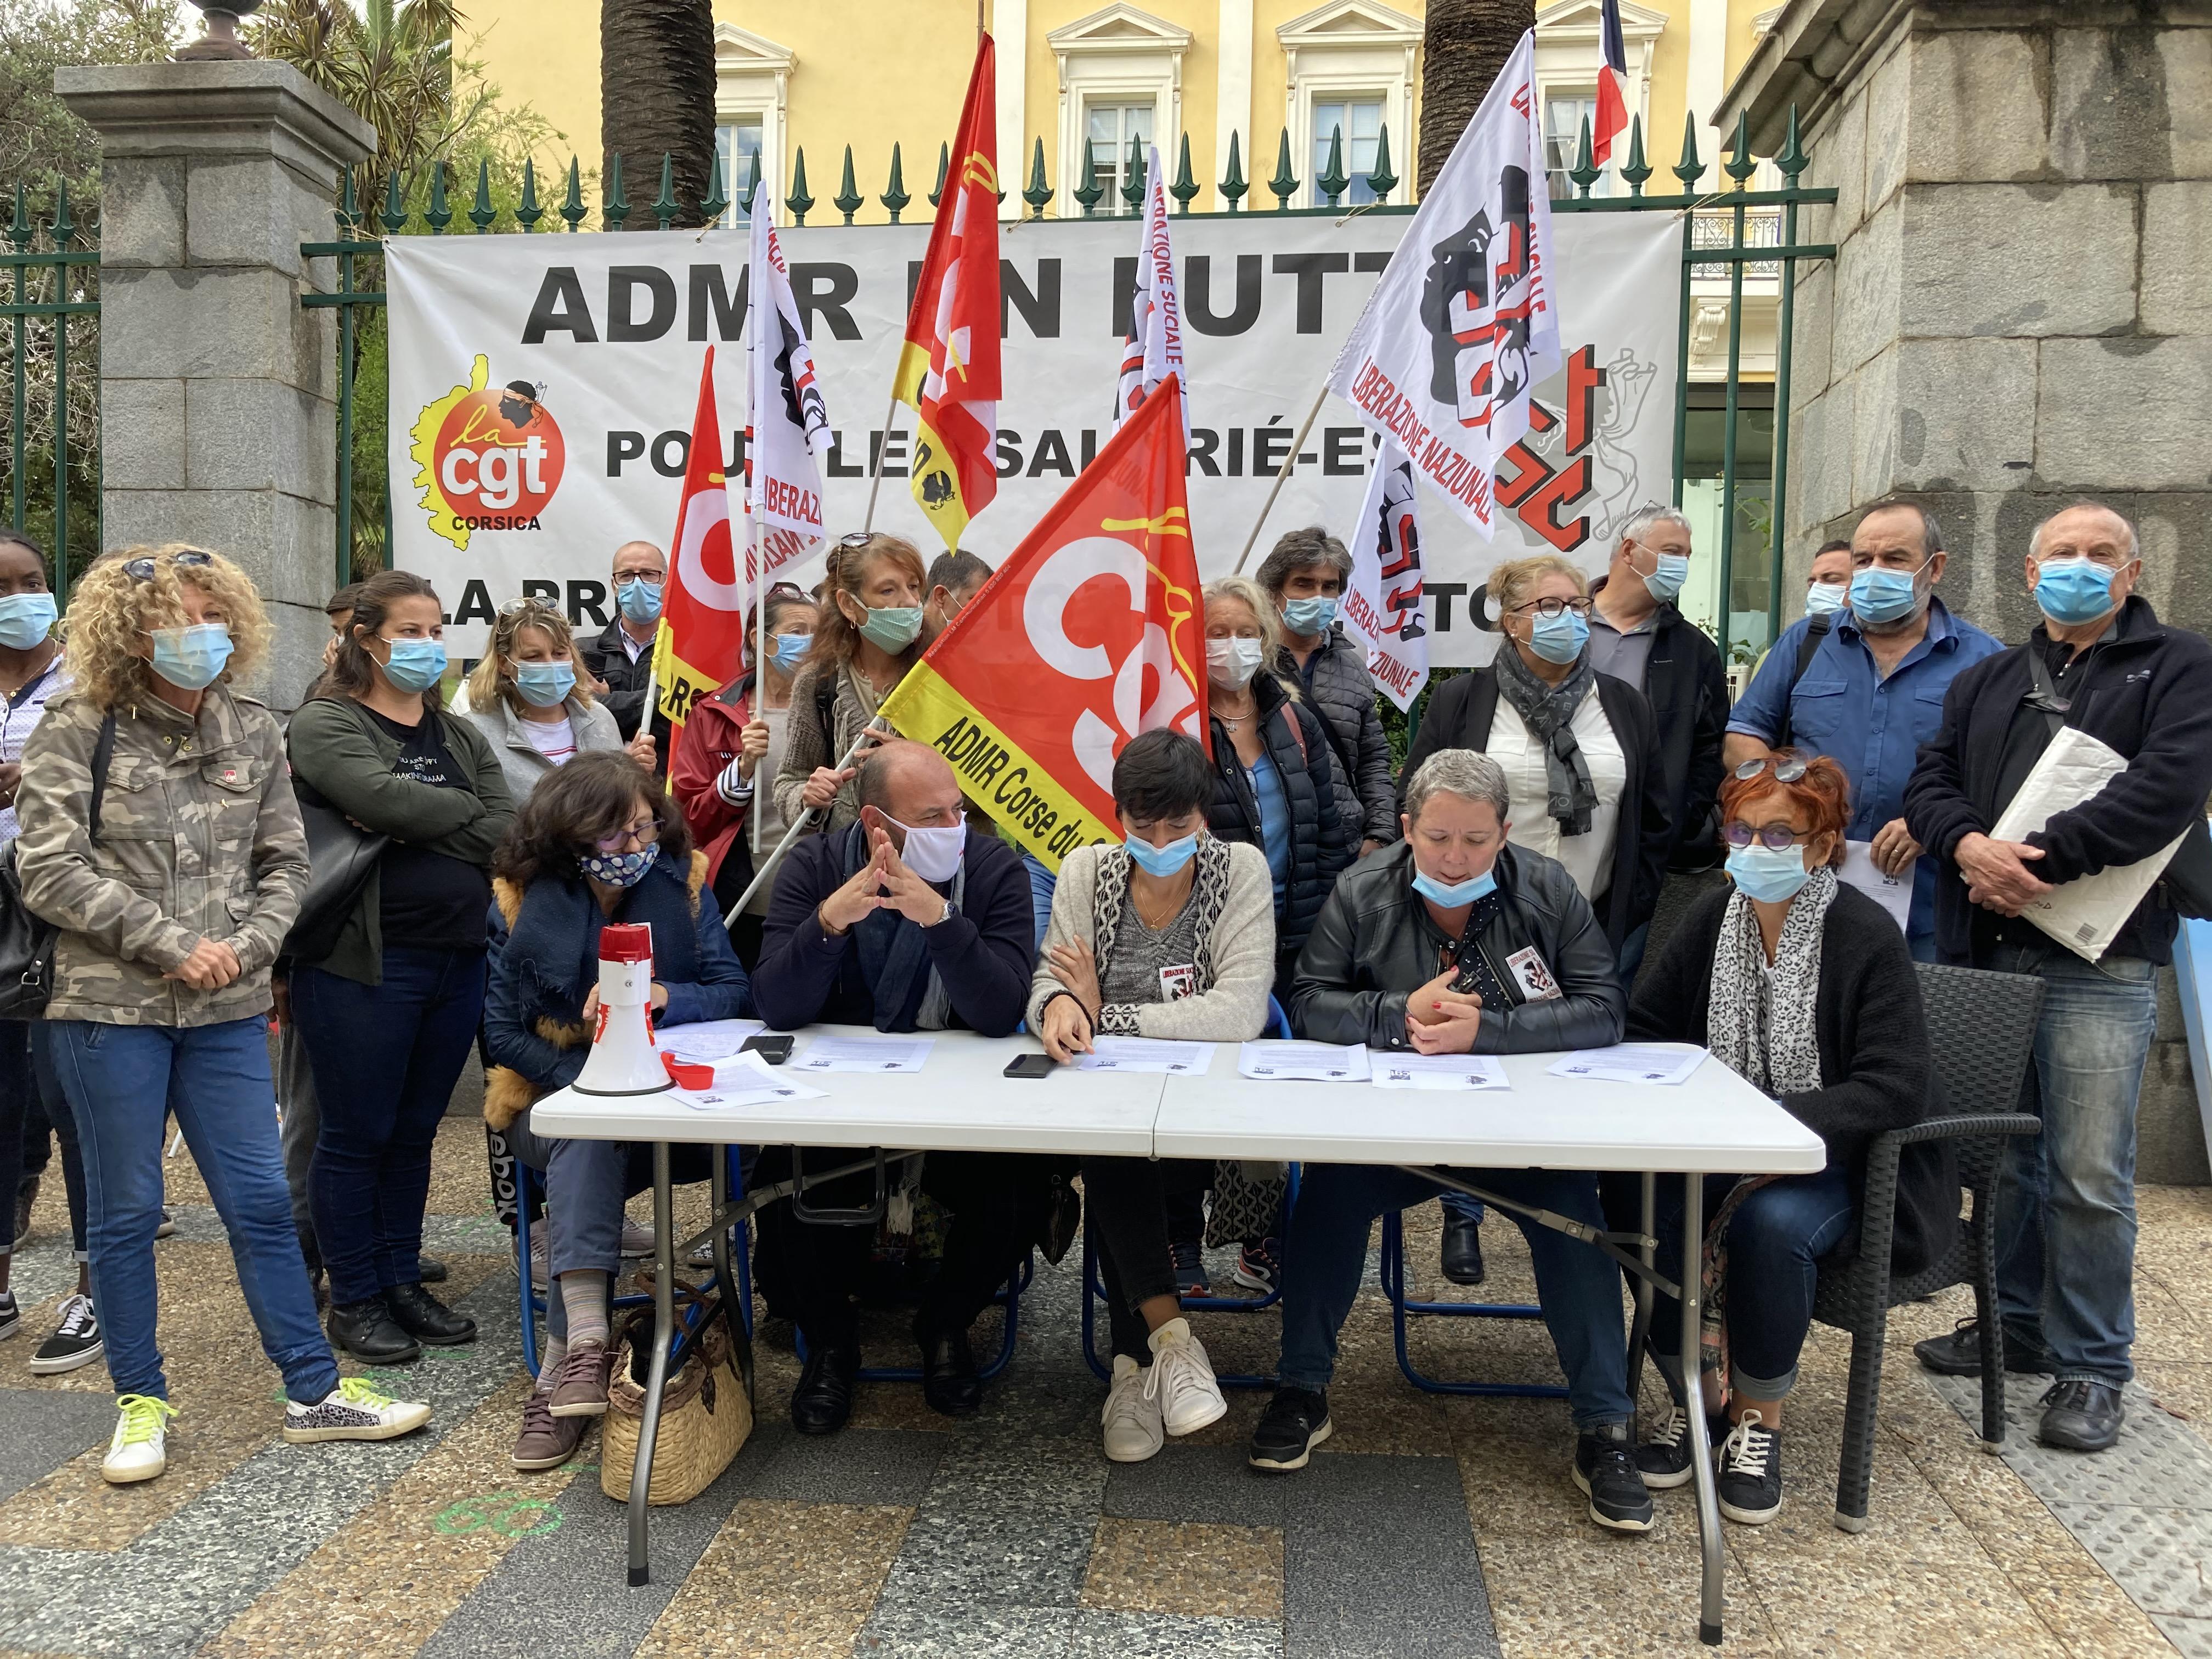 Conférence de presse de la CGT et du STC ADMR devant la préfecture, à Ajaccio.